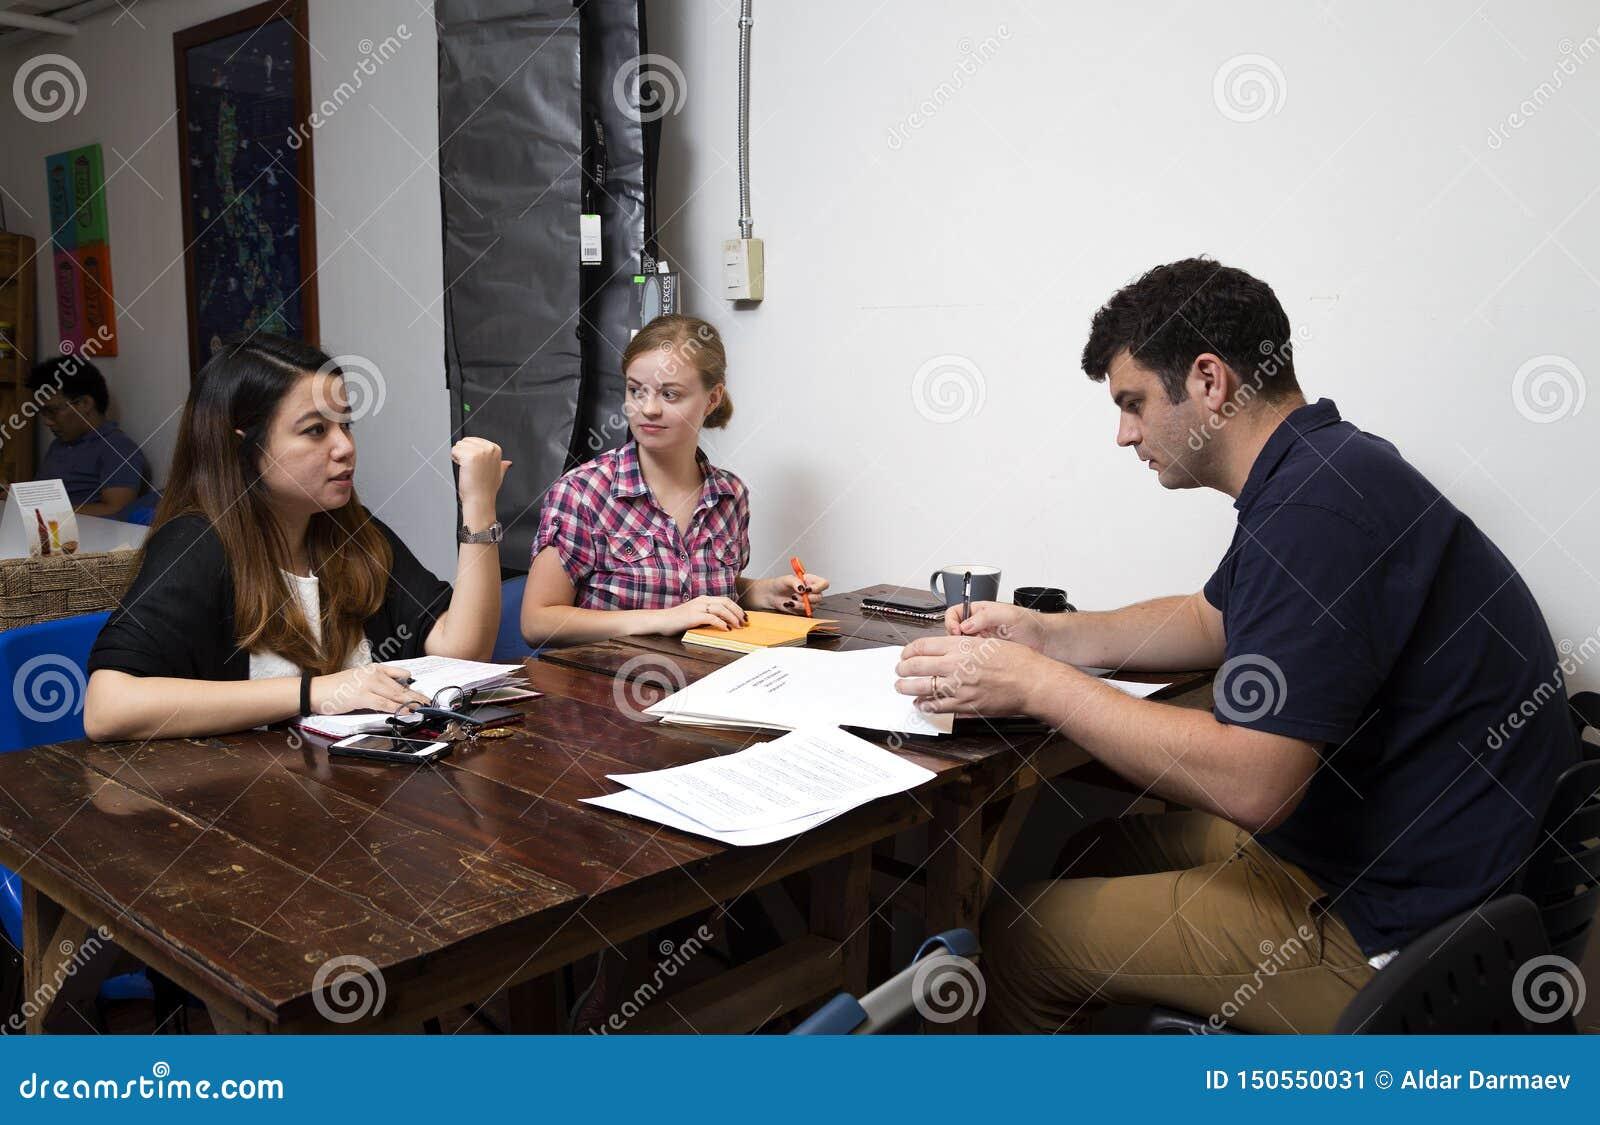 En grupp människor att diskutera idéer i ett kafé, tillfälligt affärsmöte